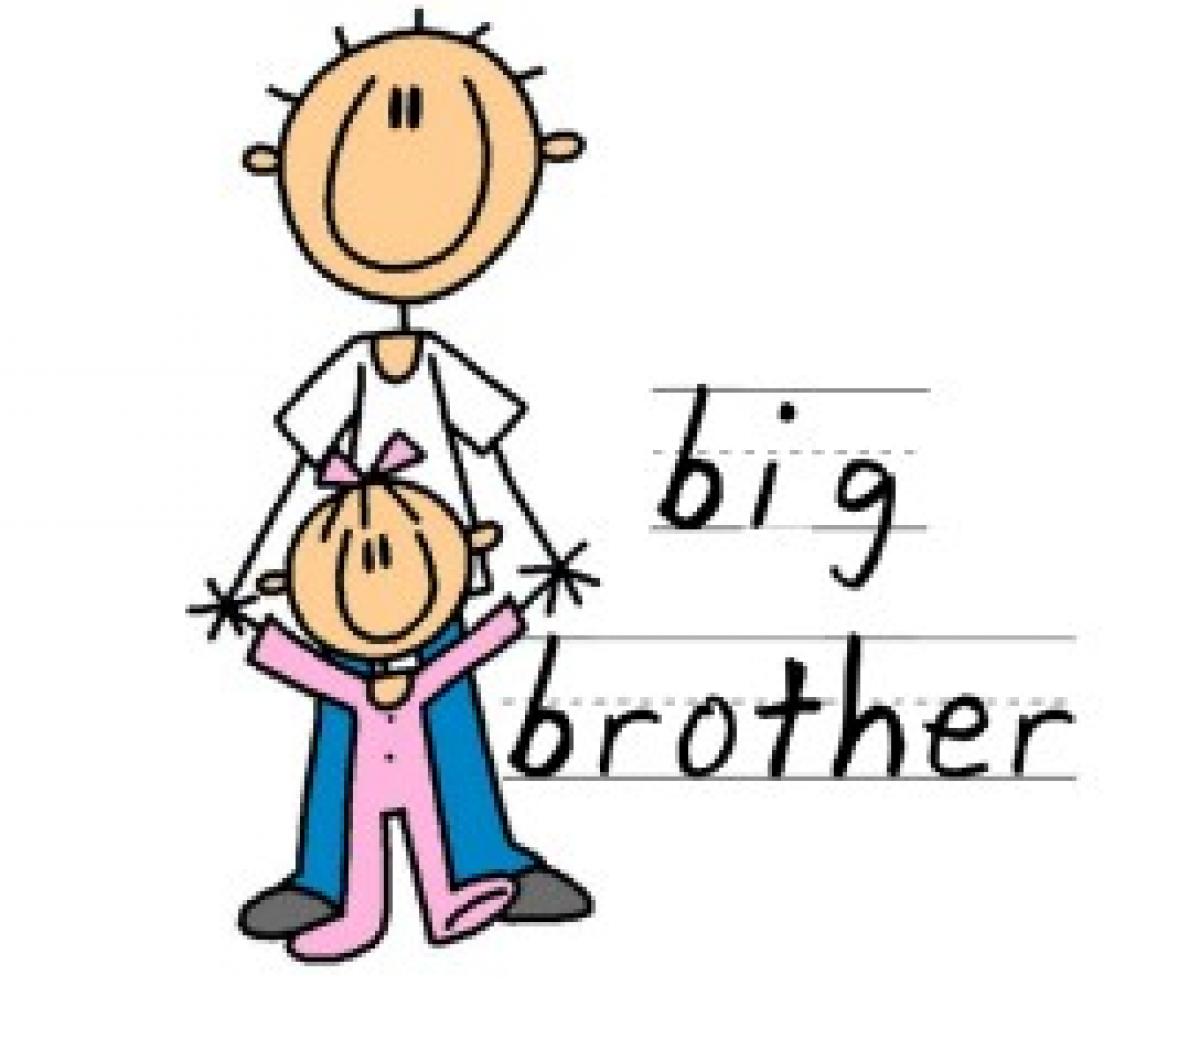 Η μαμά ρωτάει: Τι κάνουμε όταν το μεγαλύτερο αδερφάκι ζηλεύει και βρέχει το κρεβάτι;